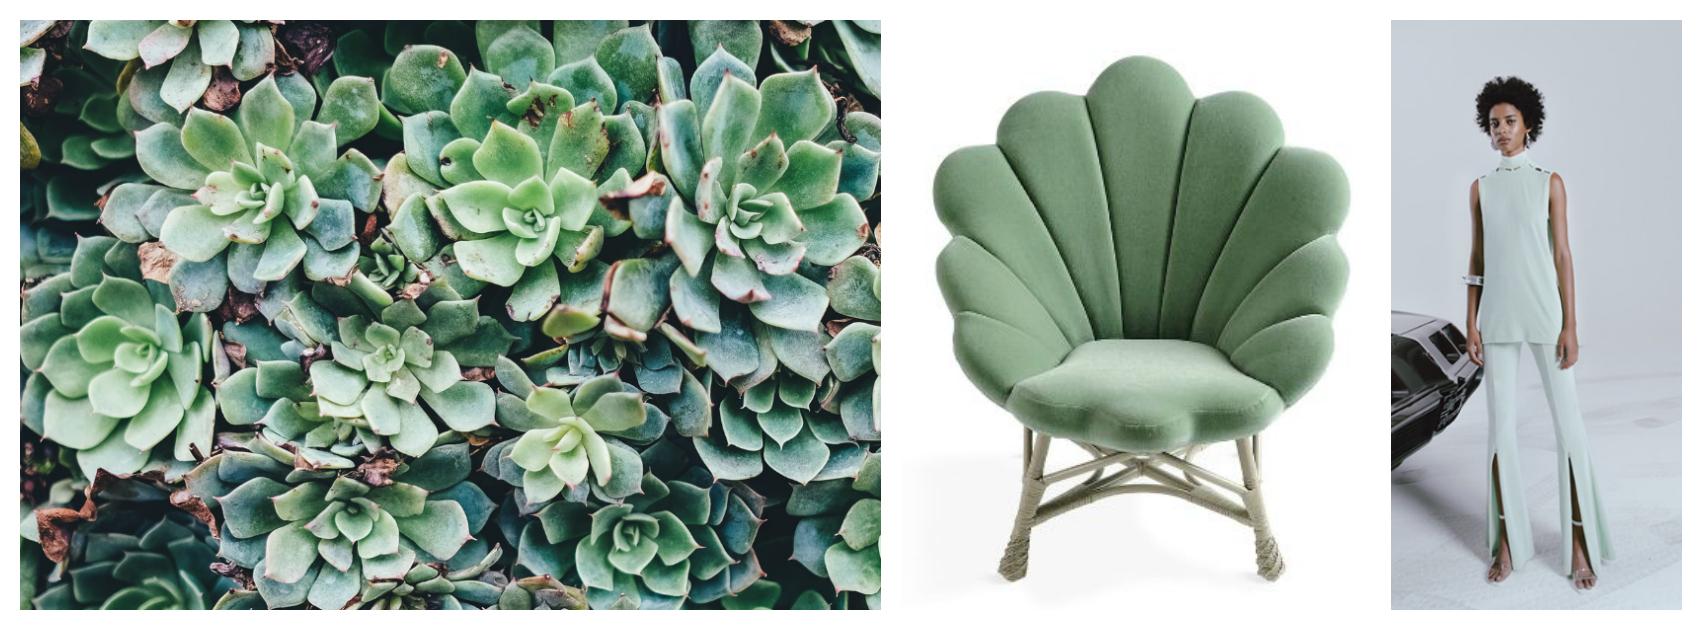 edun-succulent-shell-chair-mint-green